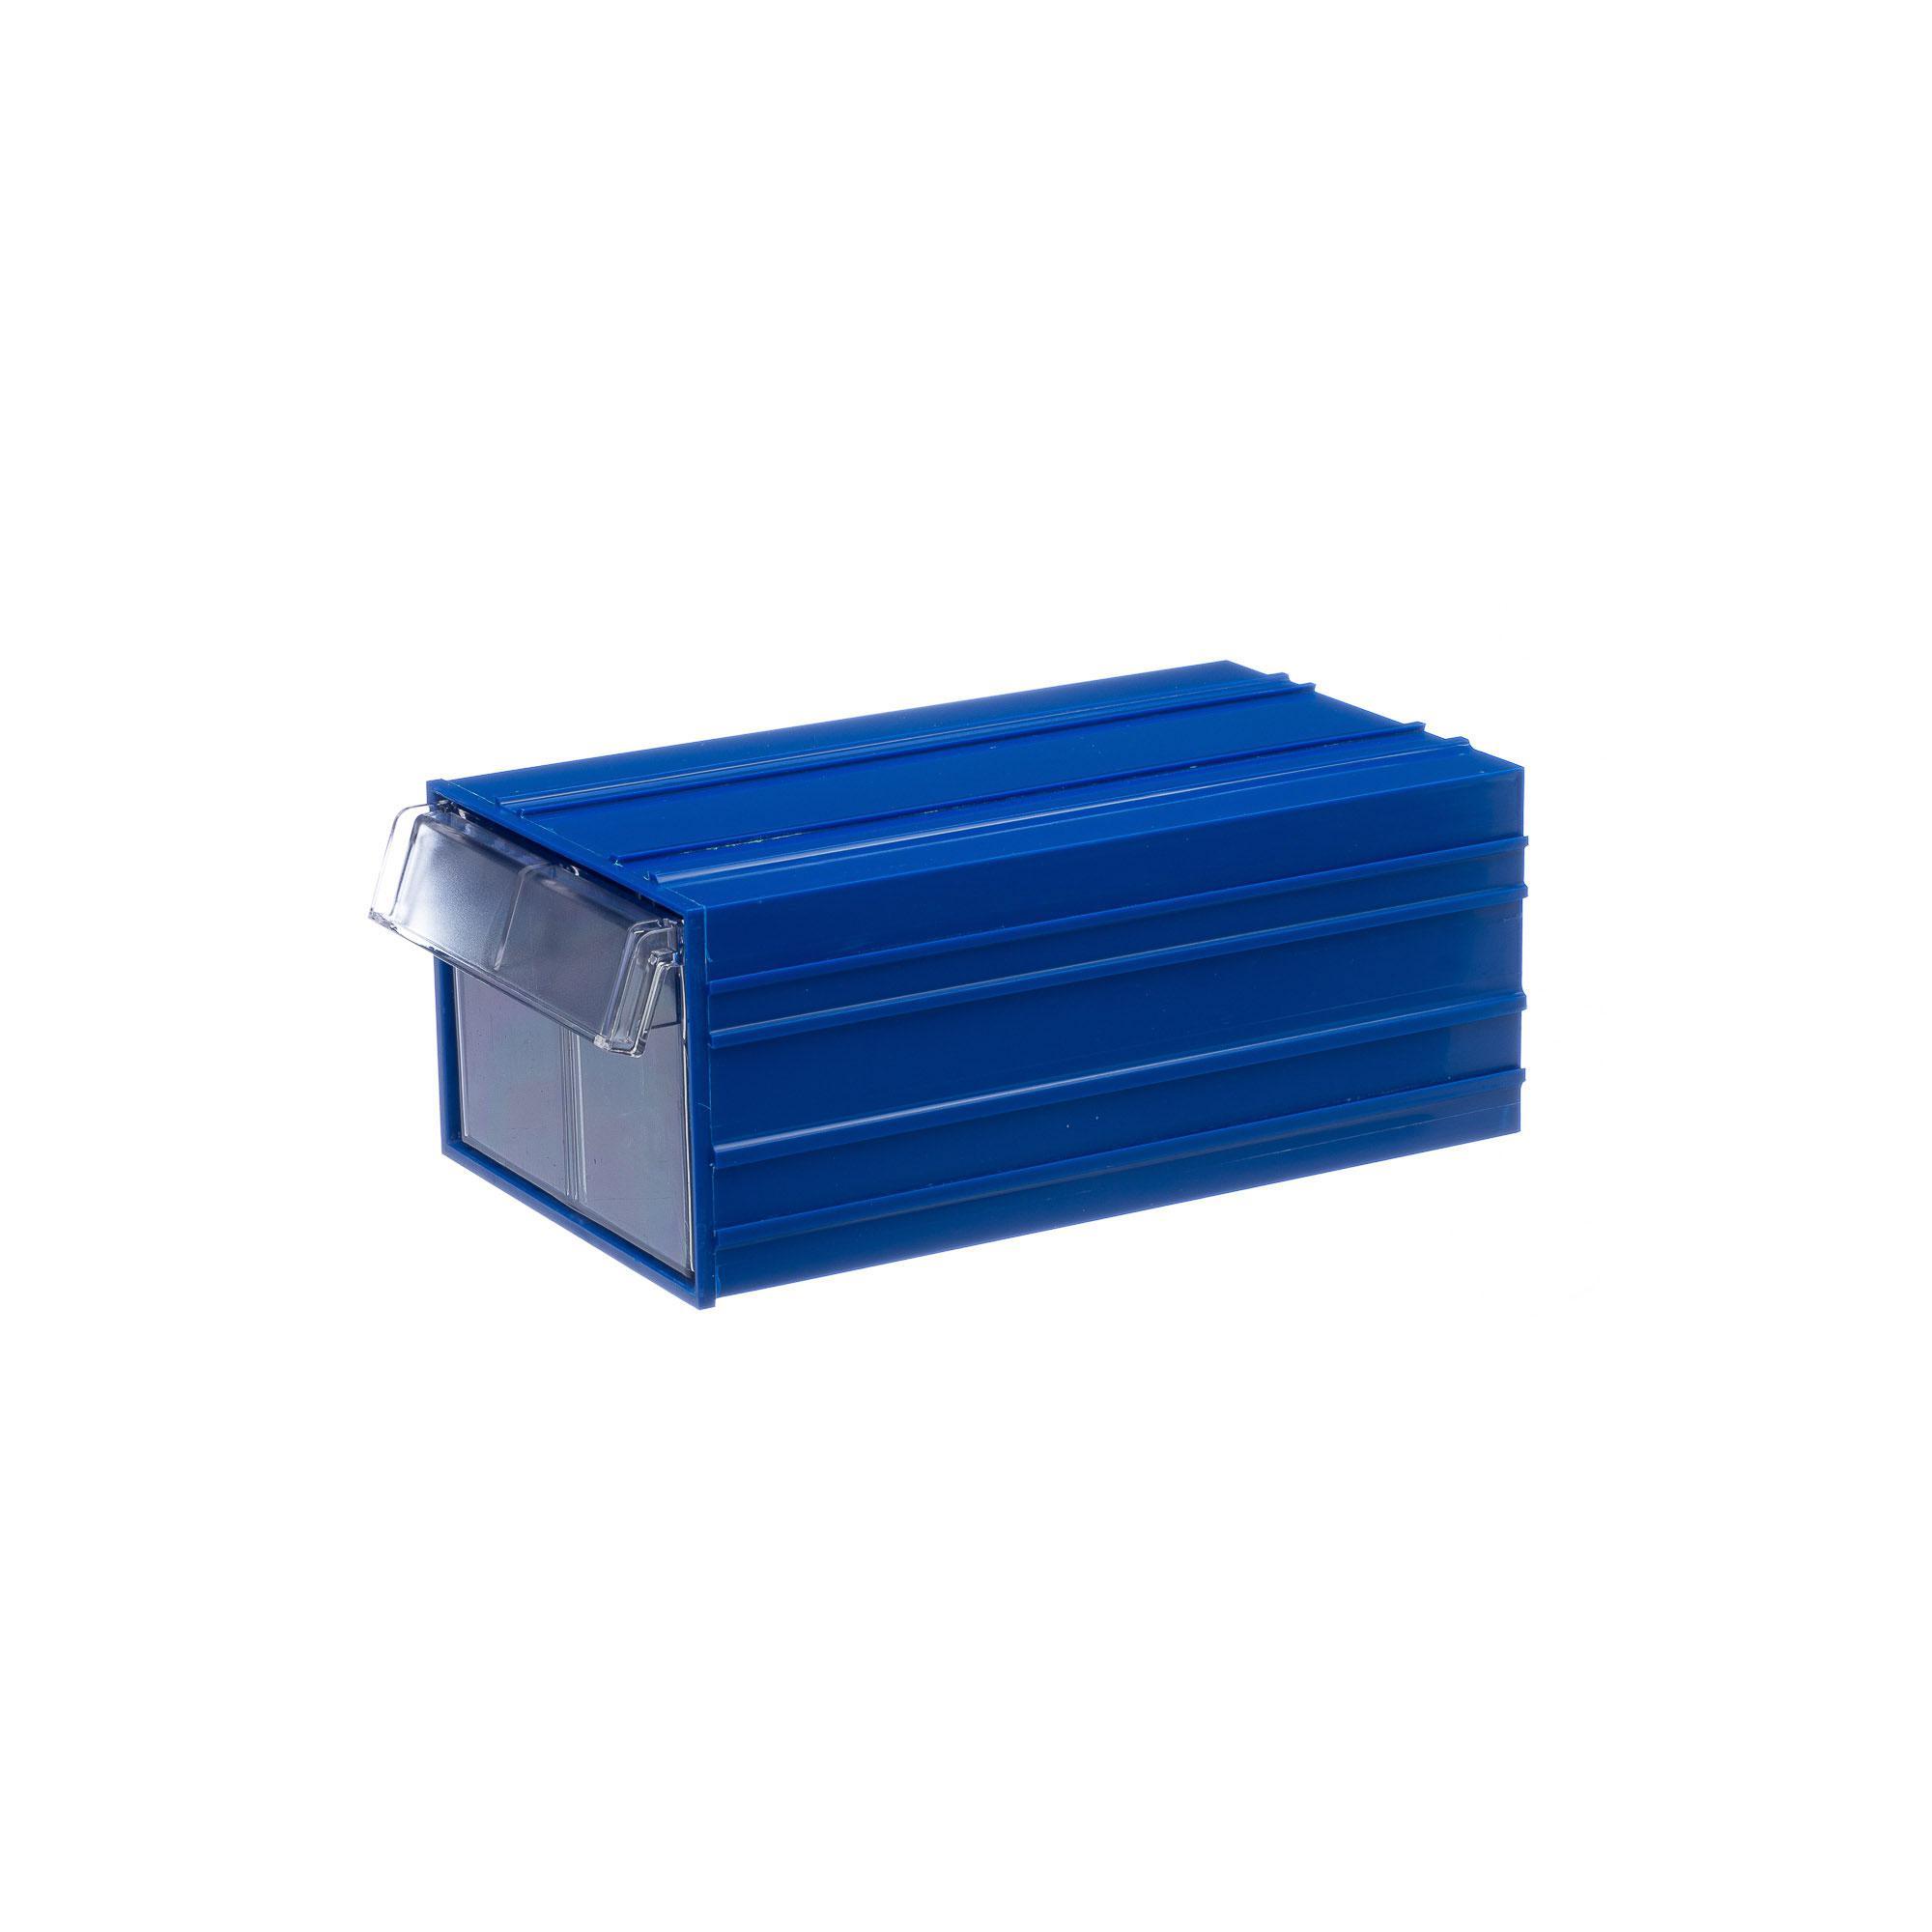 Короб СТЕЛЛА С-2 синий/ прозрачный стойка стелла с1 00 09 00 синий